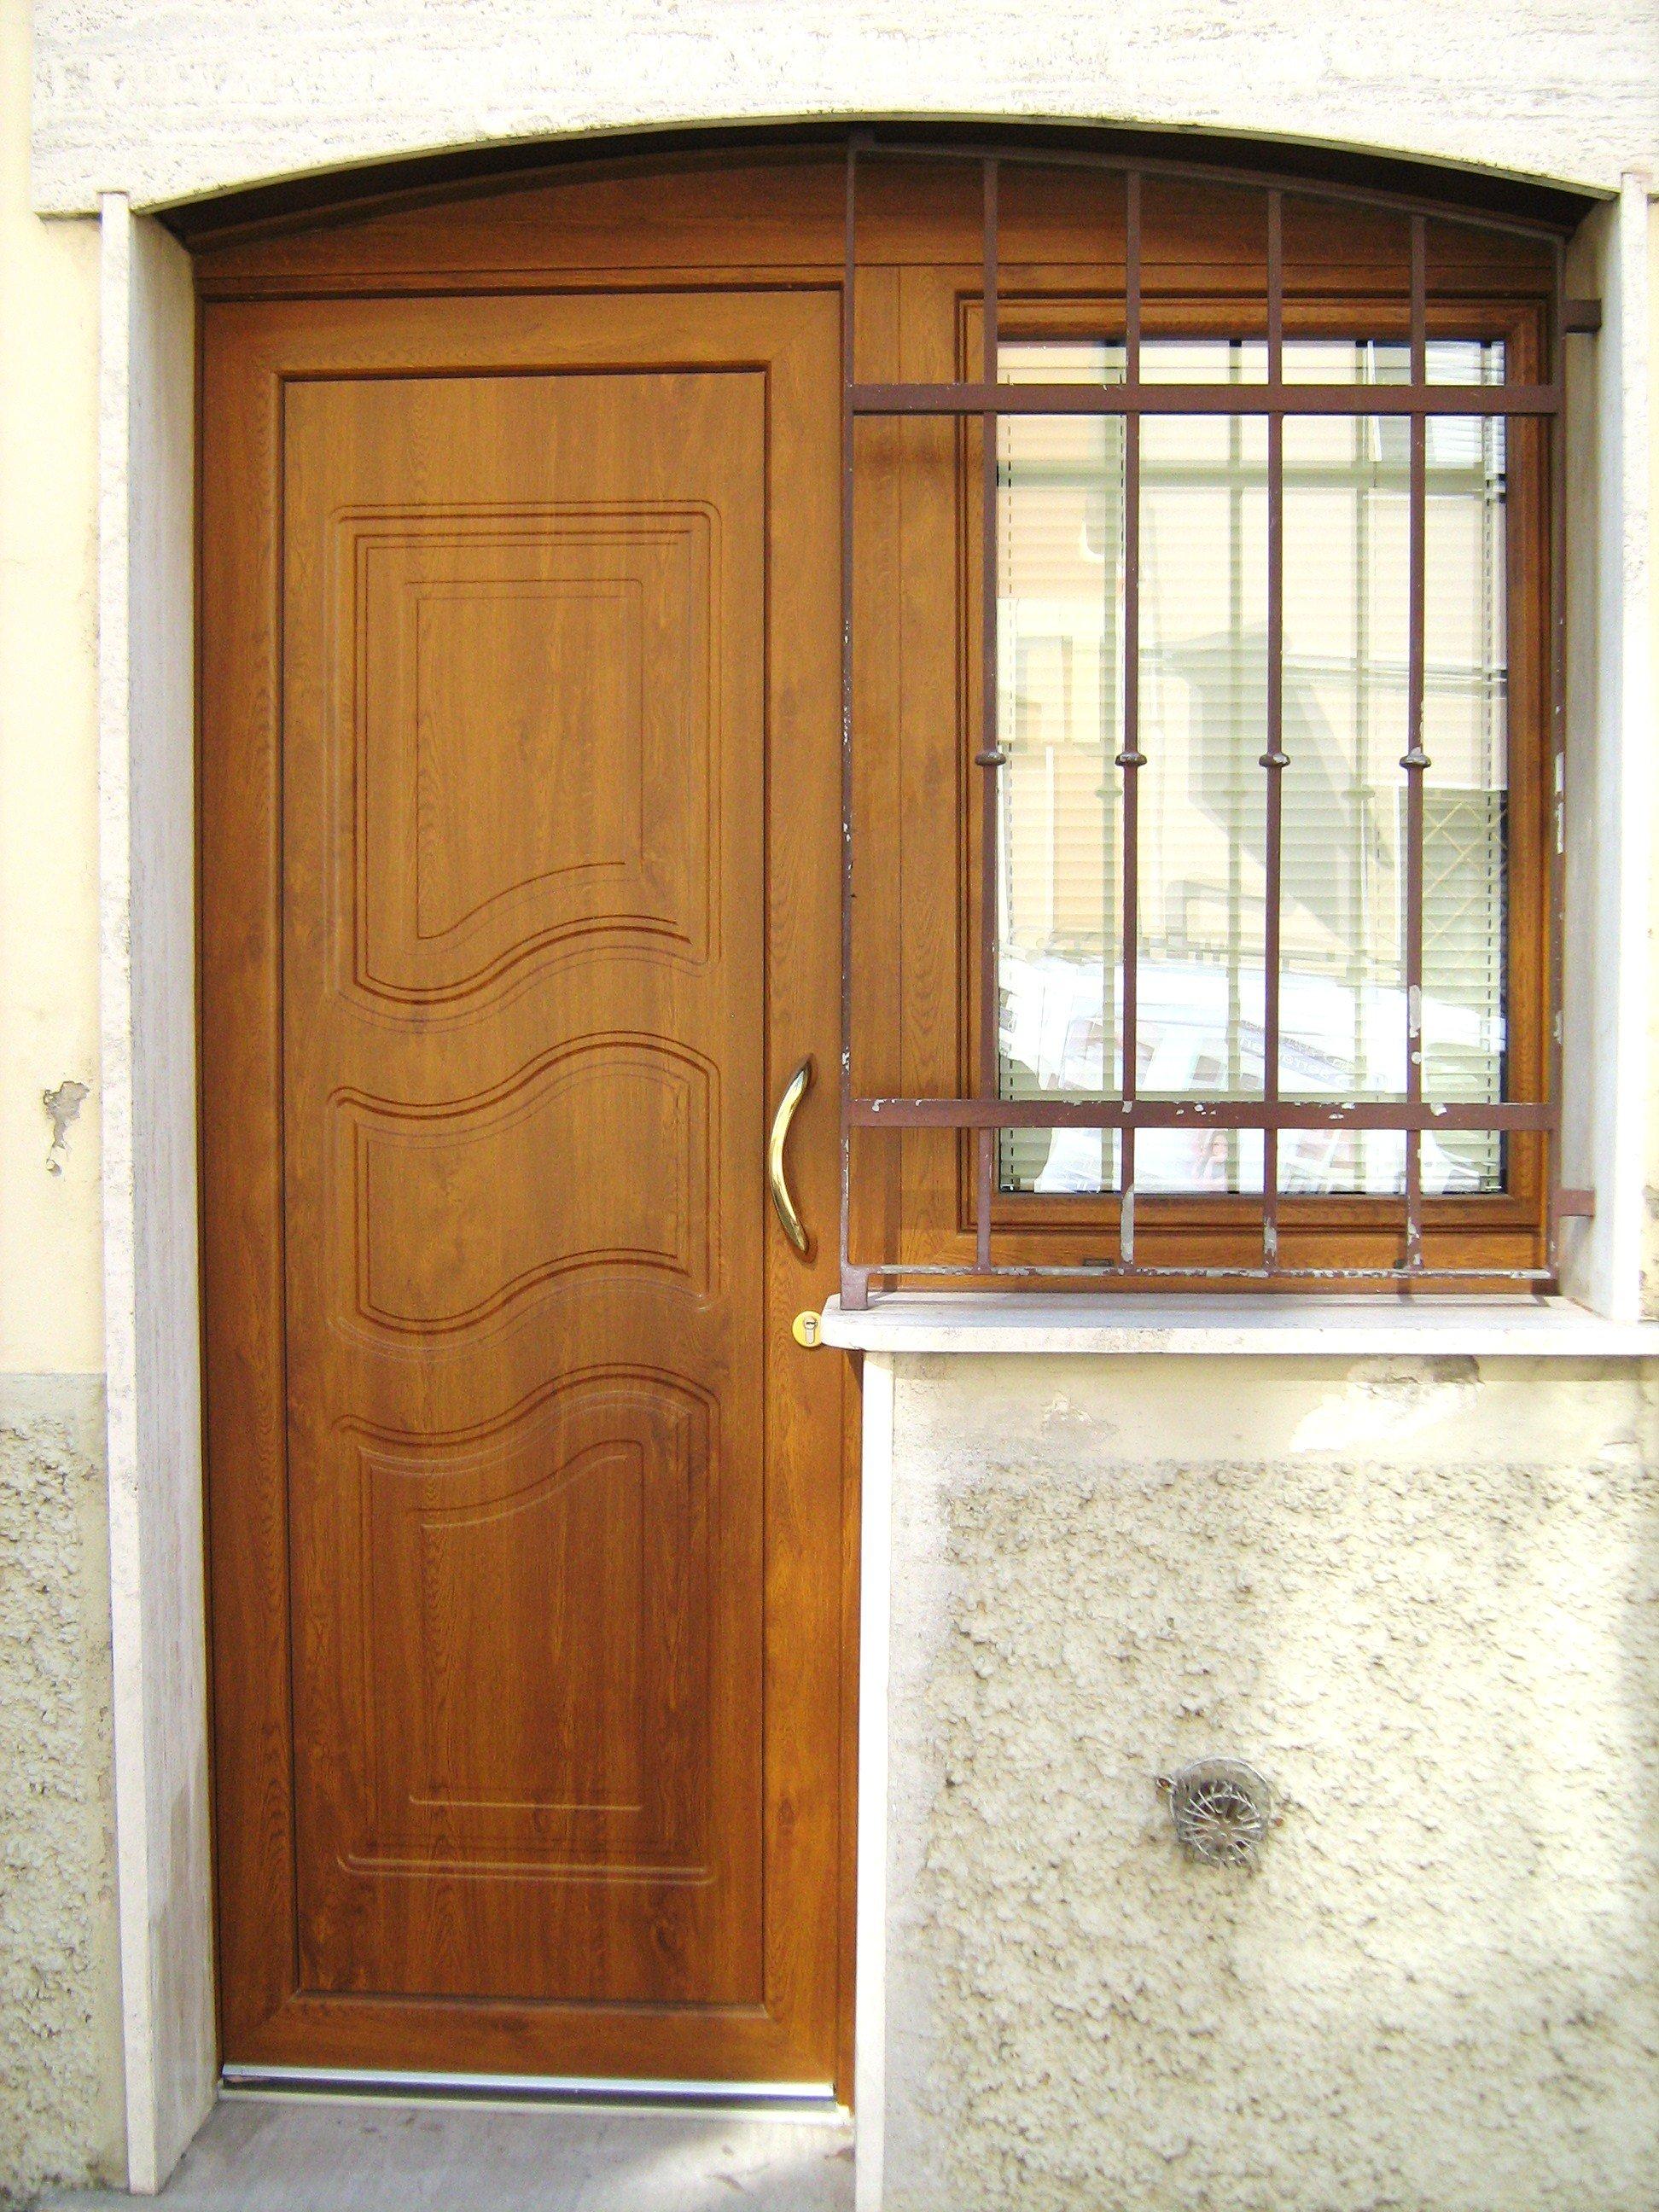 porta d'ingresso e finestra coninferiate in pvc